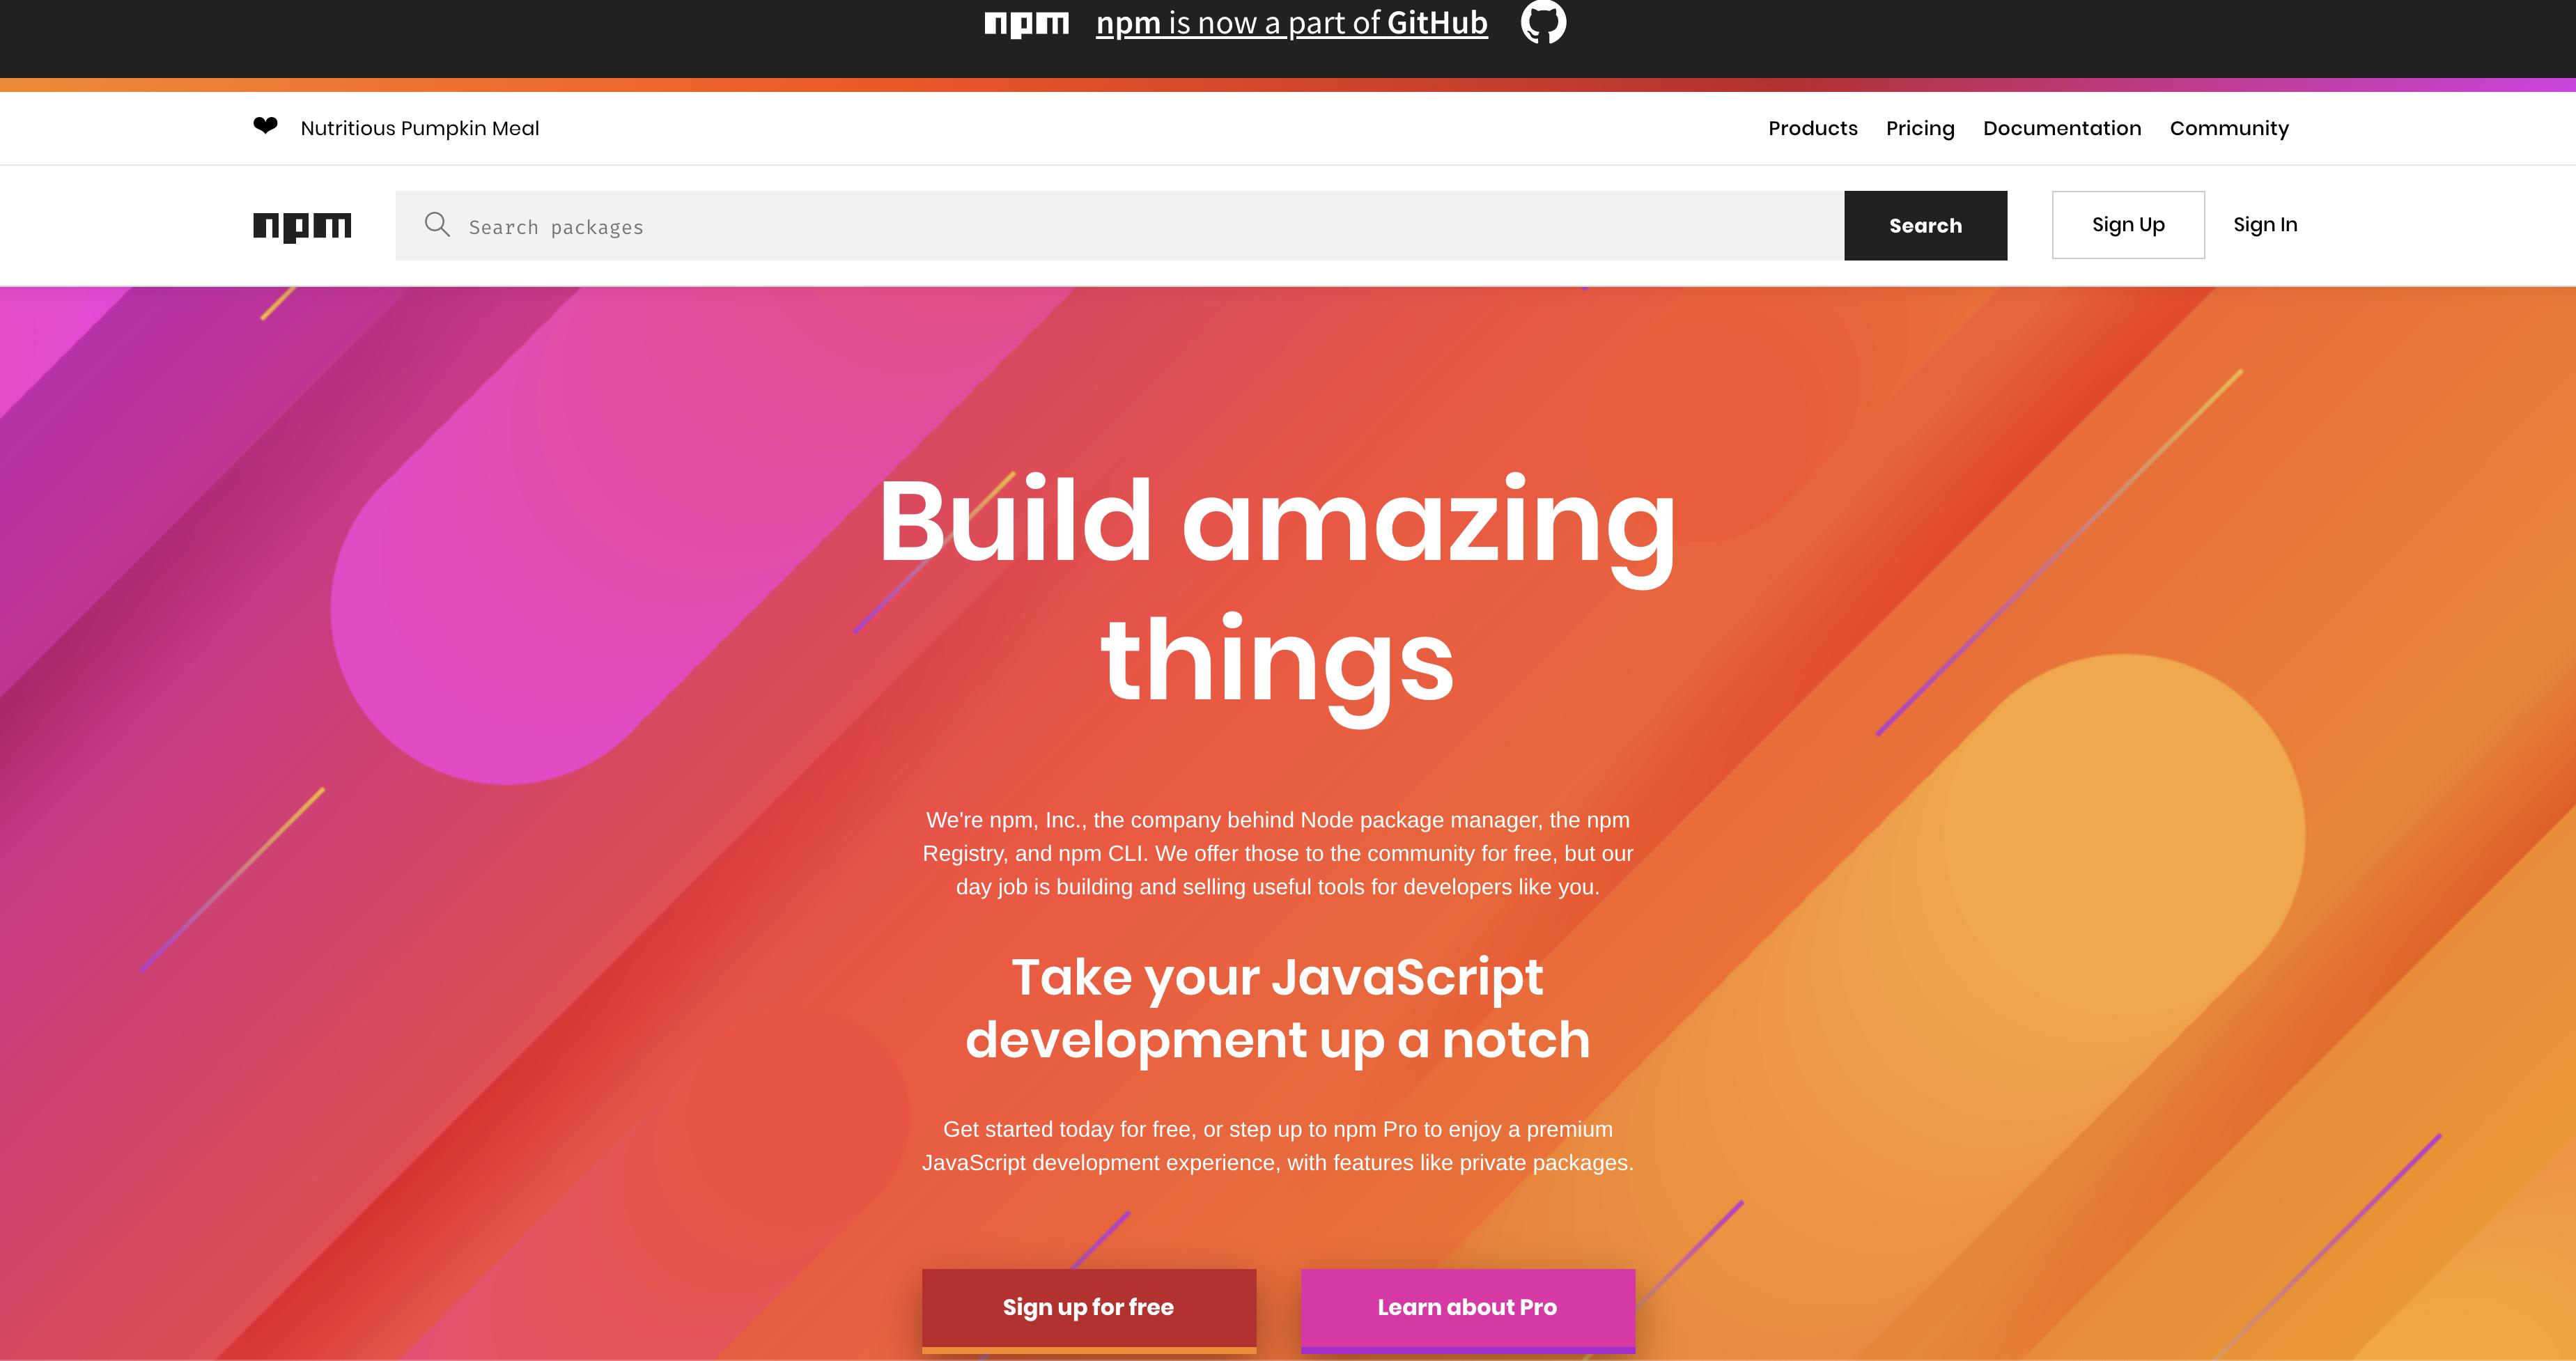 NPM Homepage